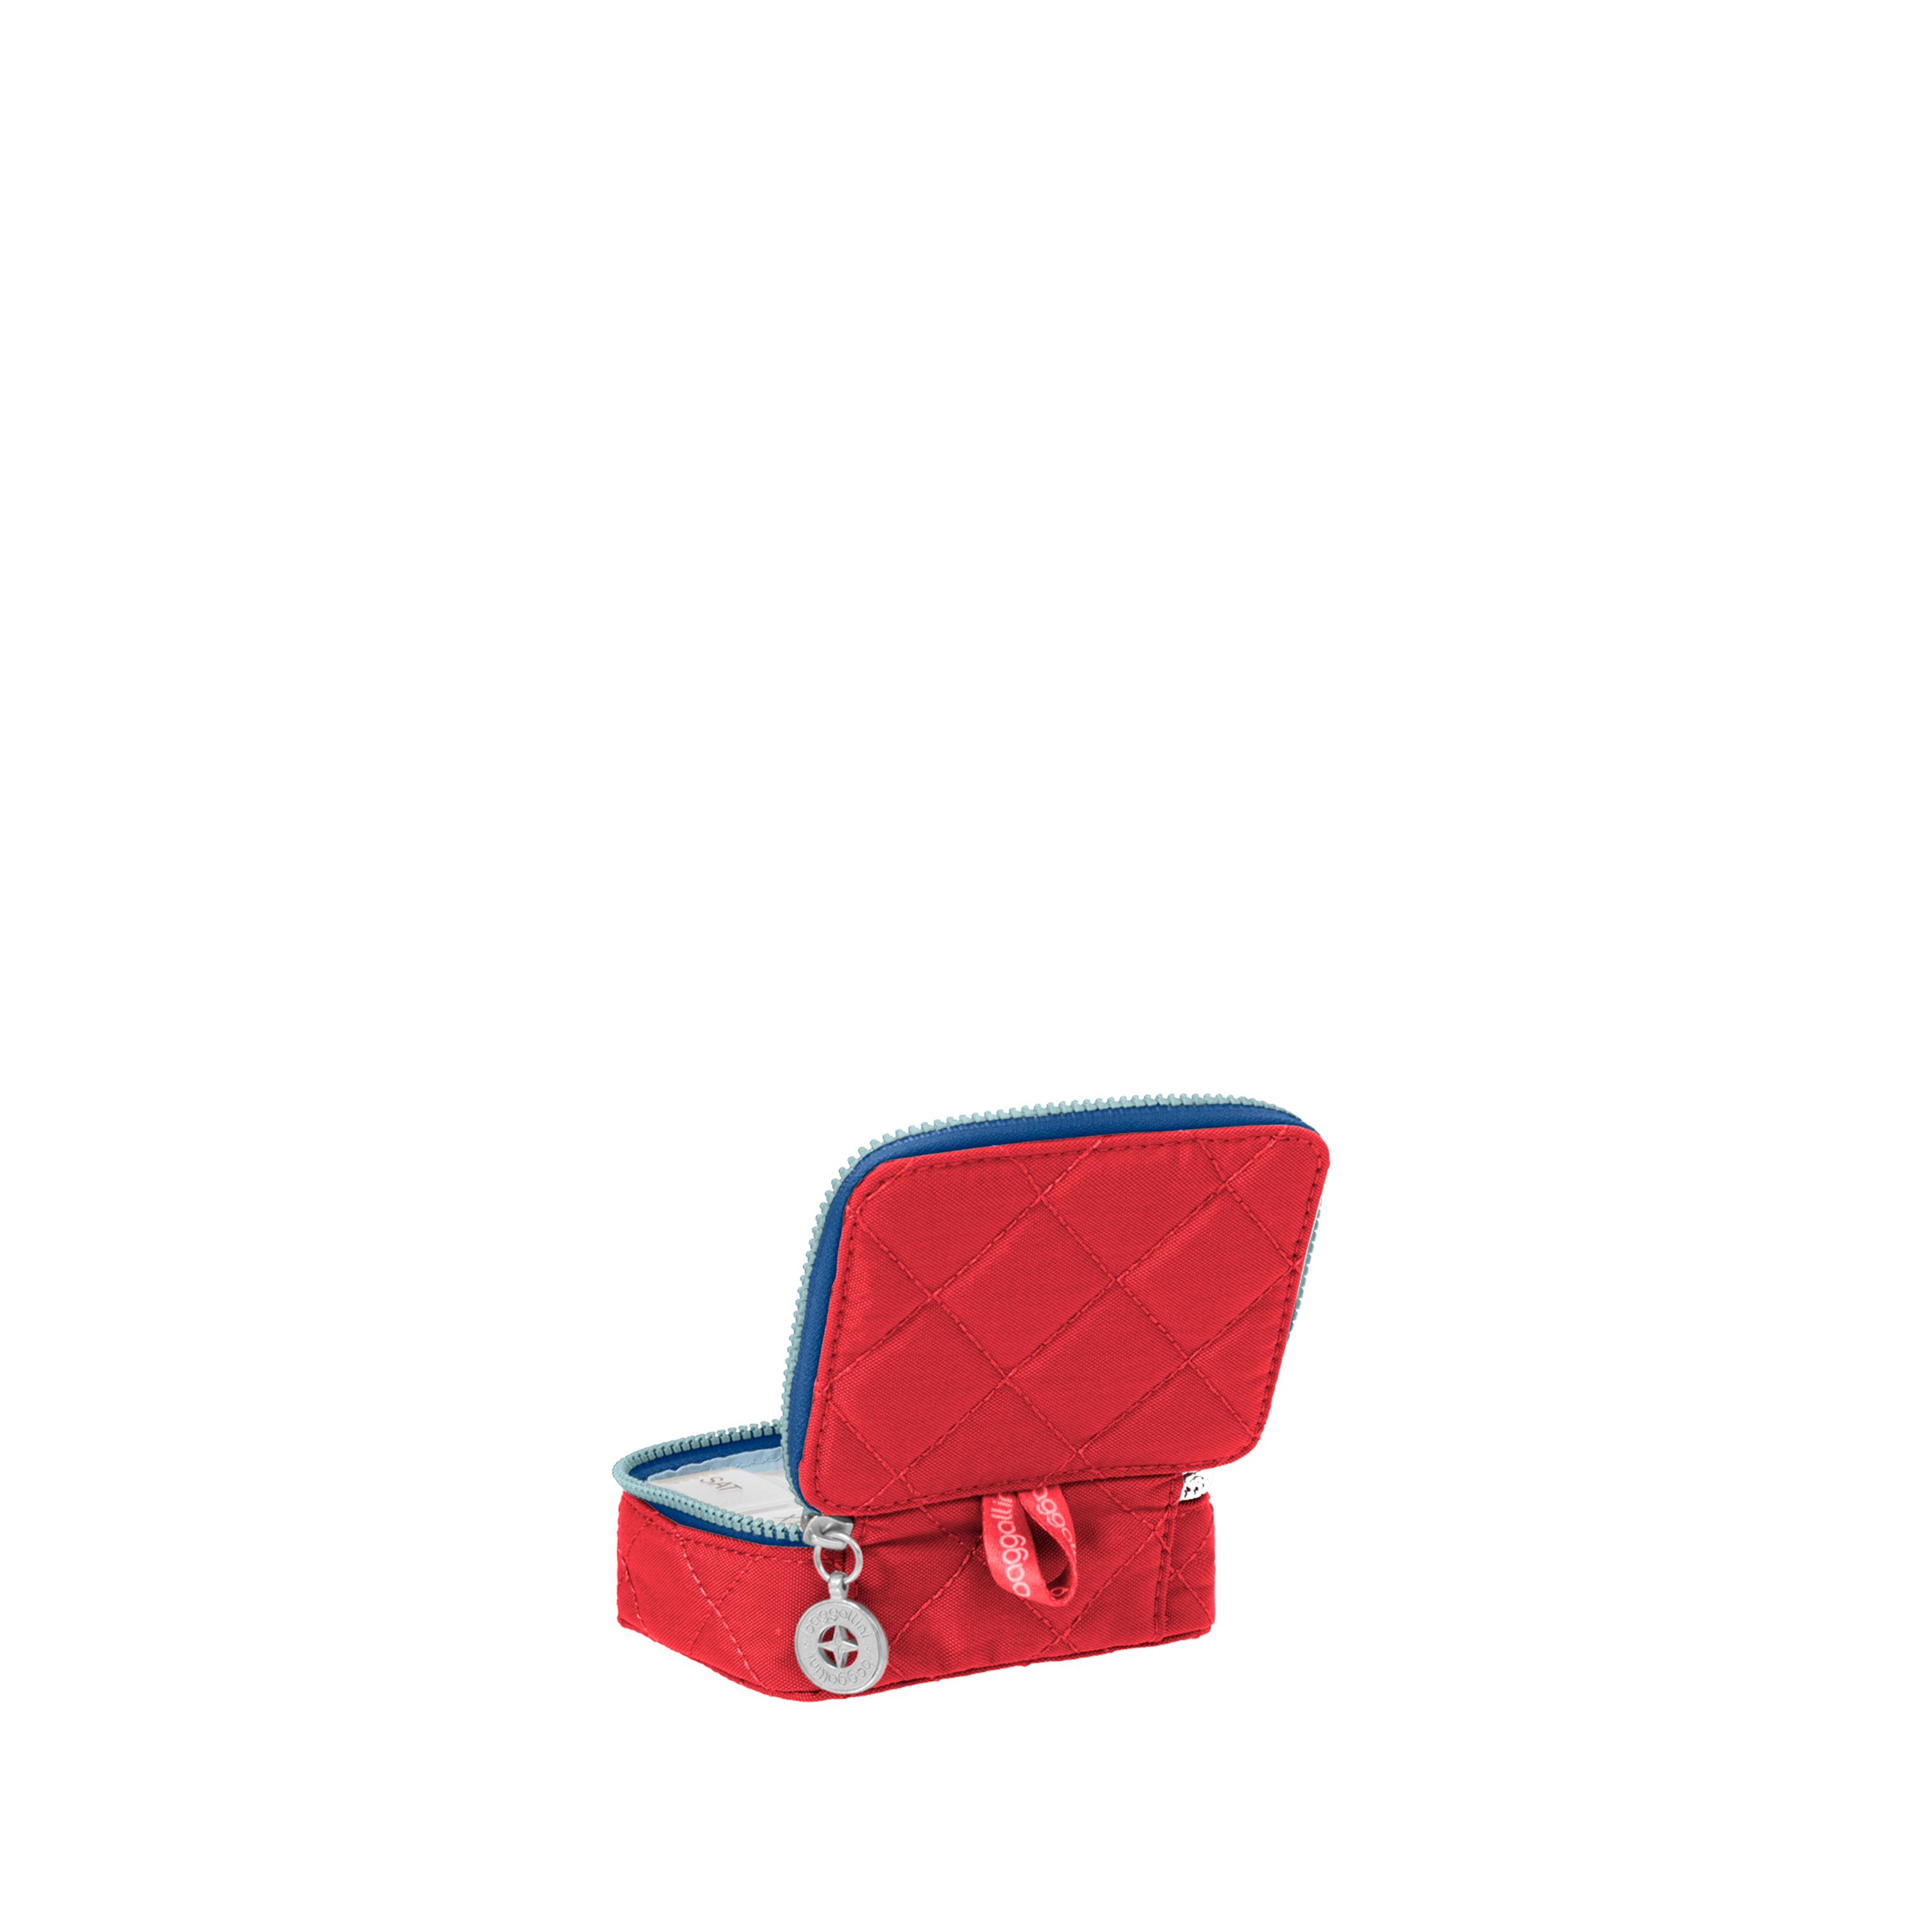 baggallini-Women-039-s-TSA-Friendly-Travel-Pill-Case-Nylon-Multiple-Colors thumbnail 8